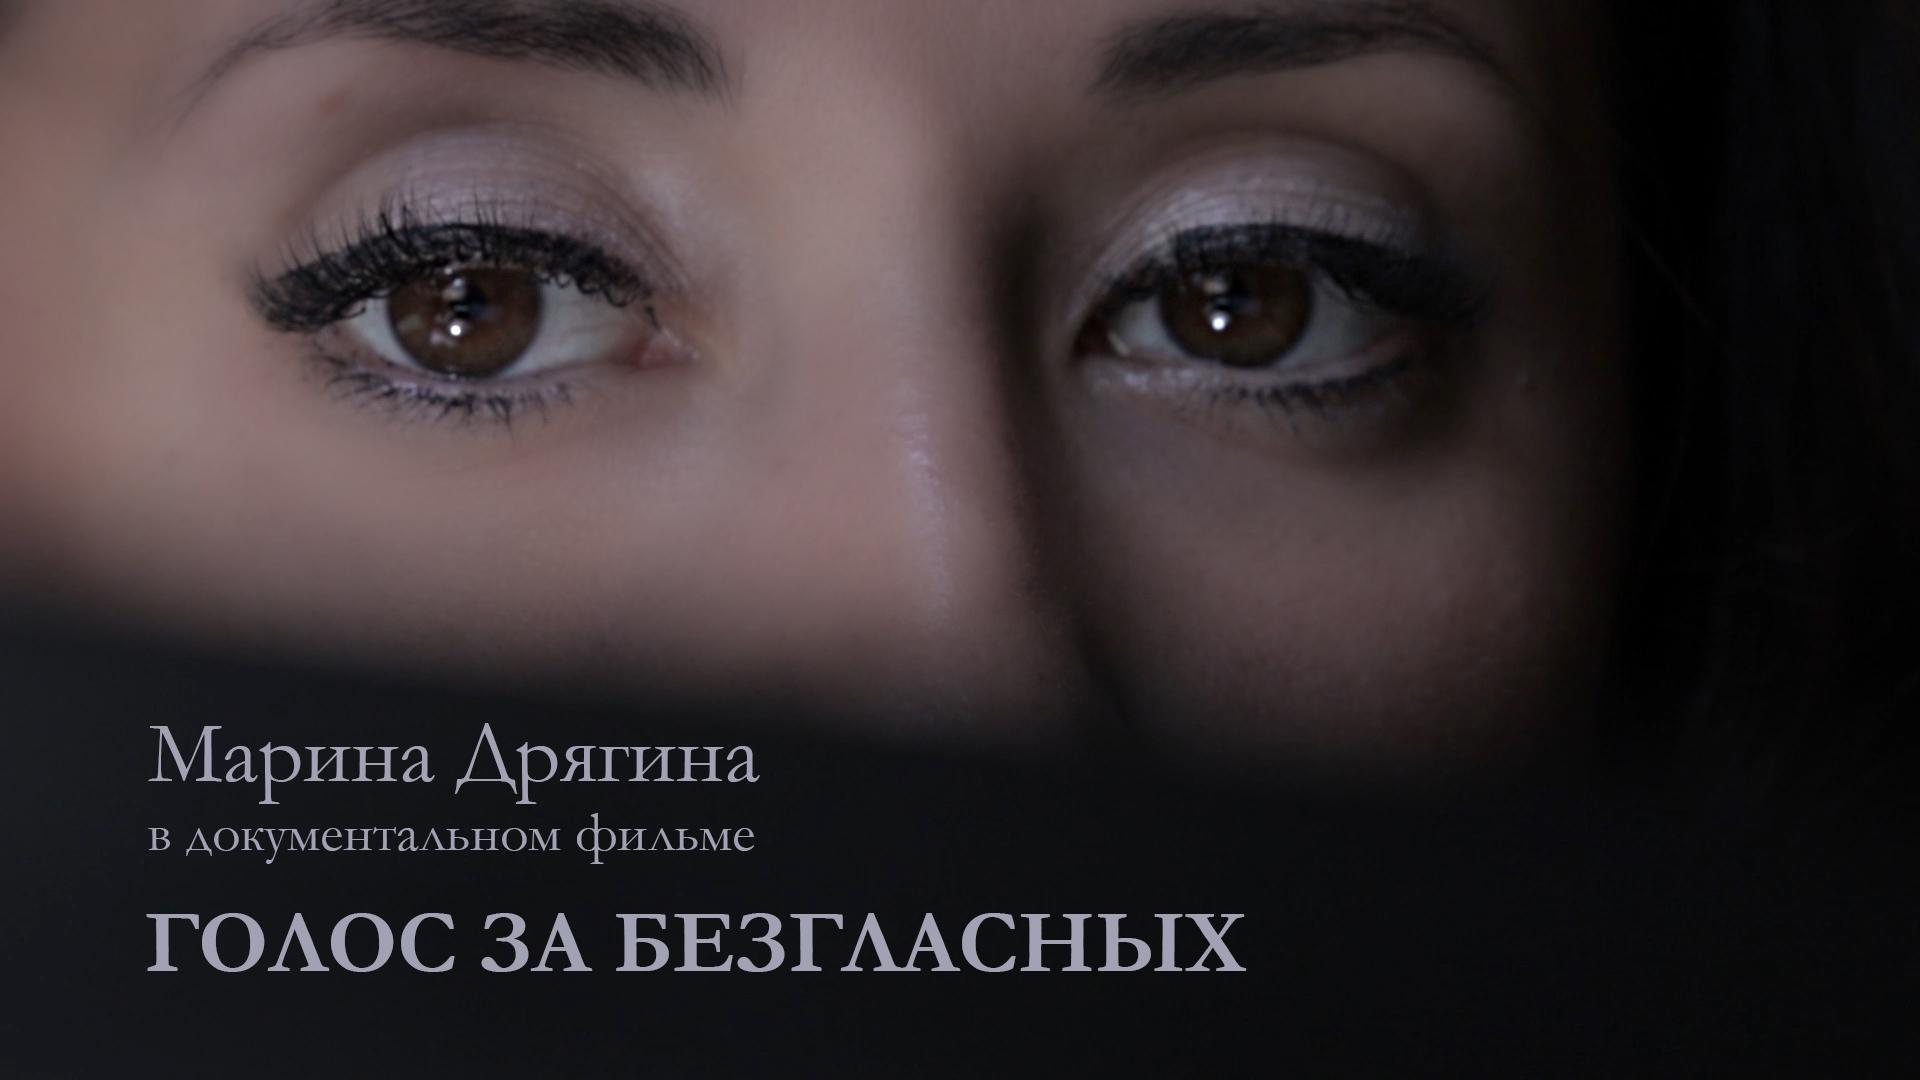 Создание фильма «Голоc за безгласных» близится к своему завершению.